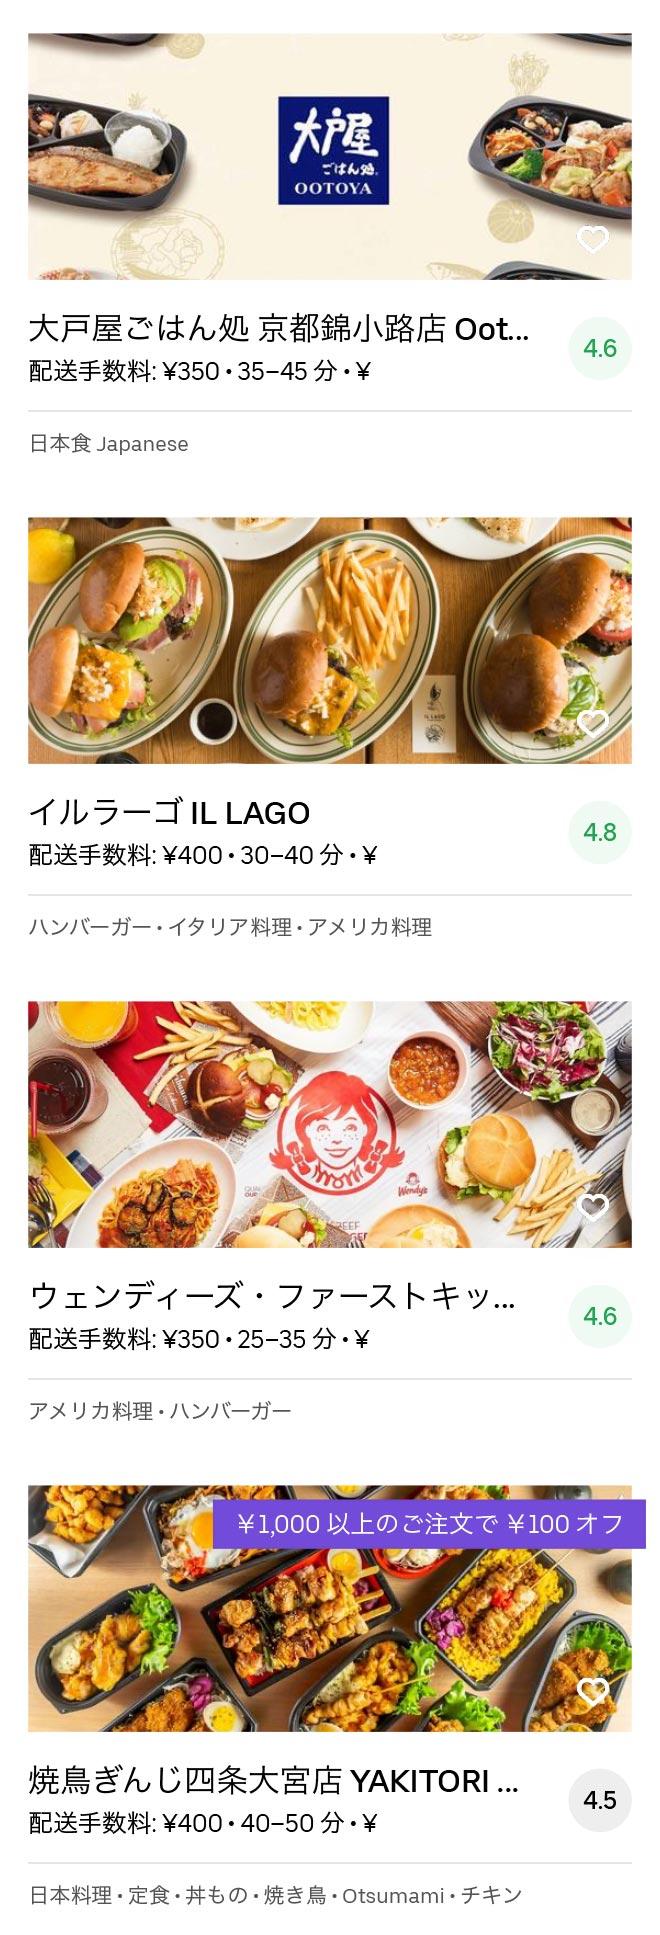 Kyoto fushimiinari menu 2005 05